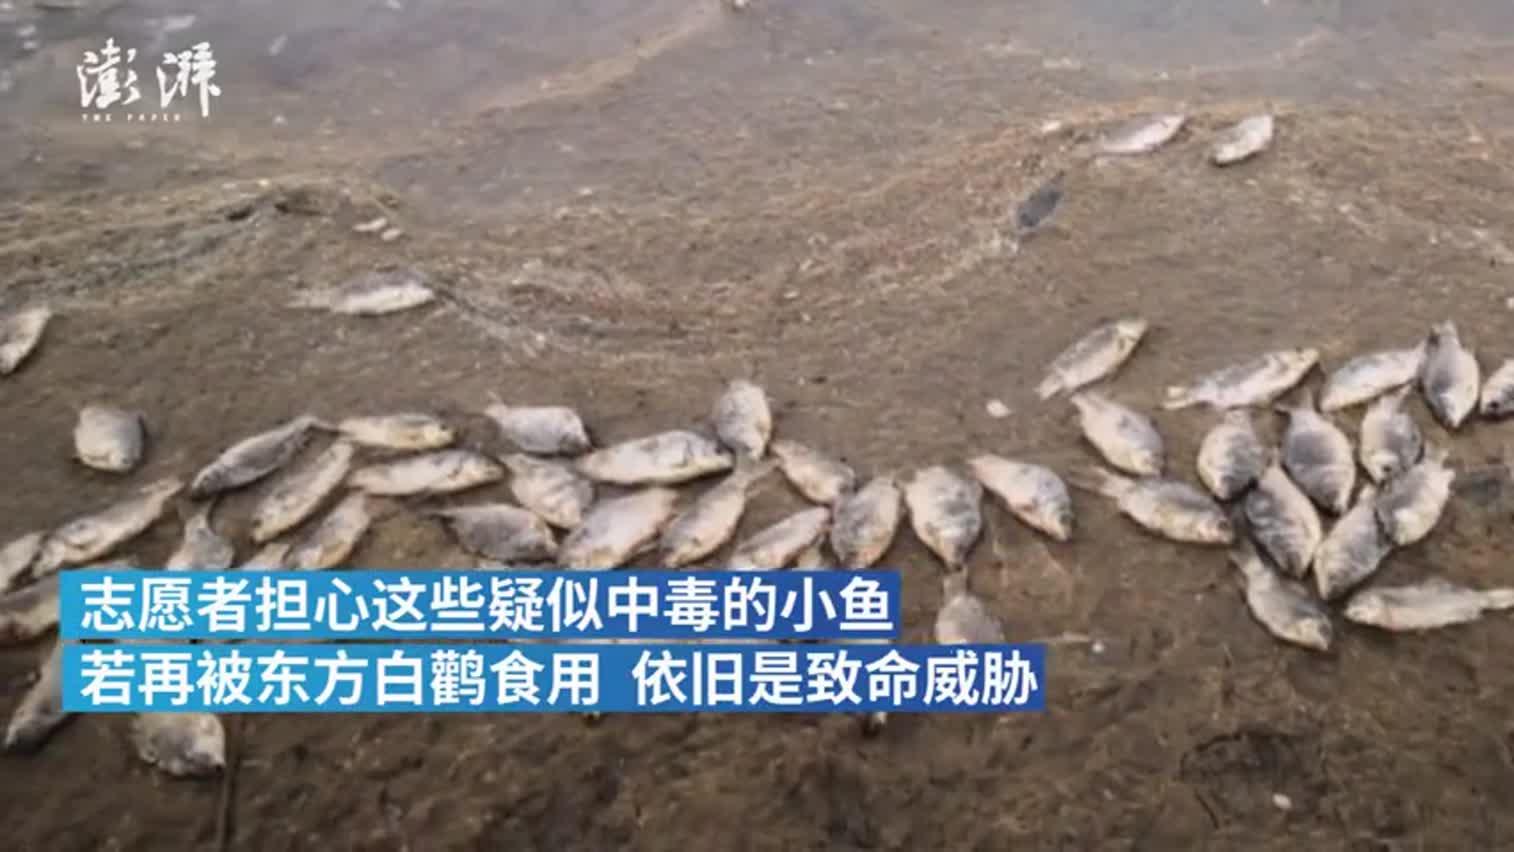 视频:多只东方白鹳被毒杀 天津警方立案调查